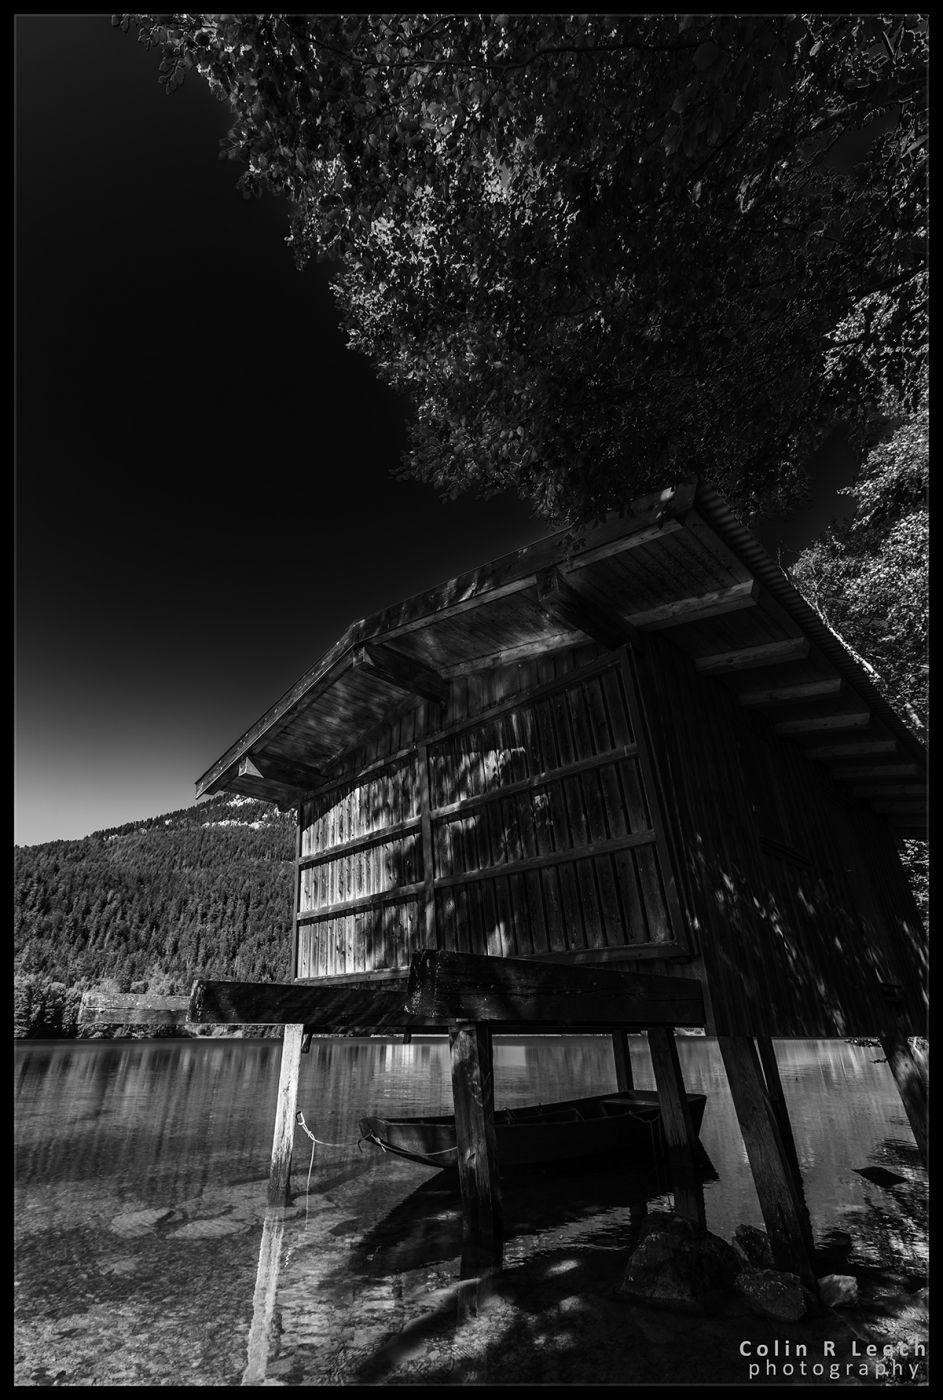 Hintersteiner See Boathouse, Austria